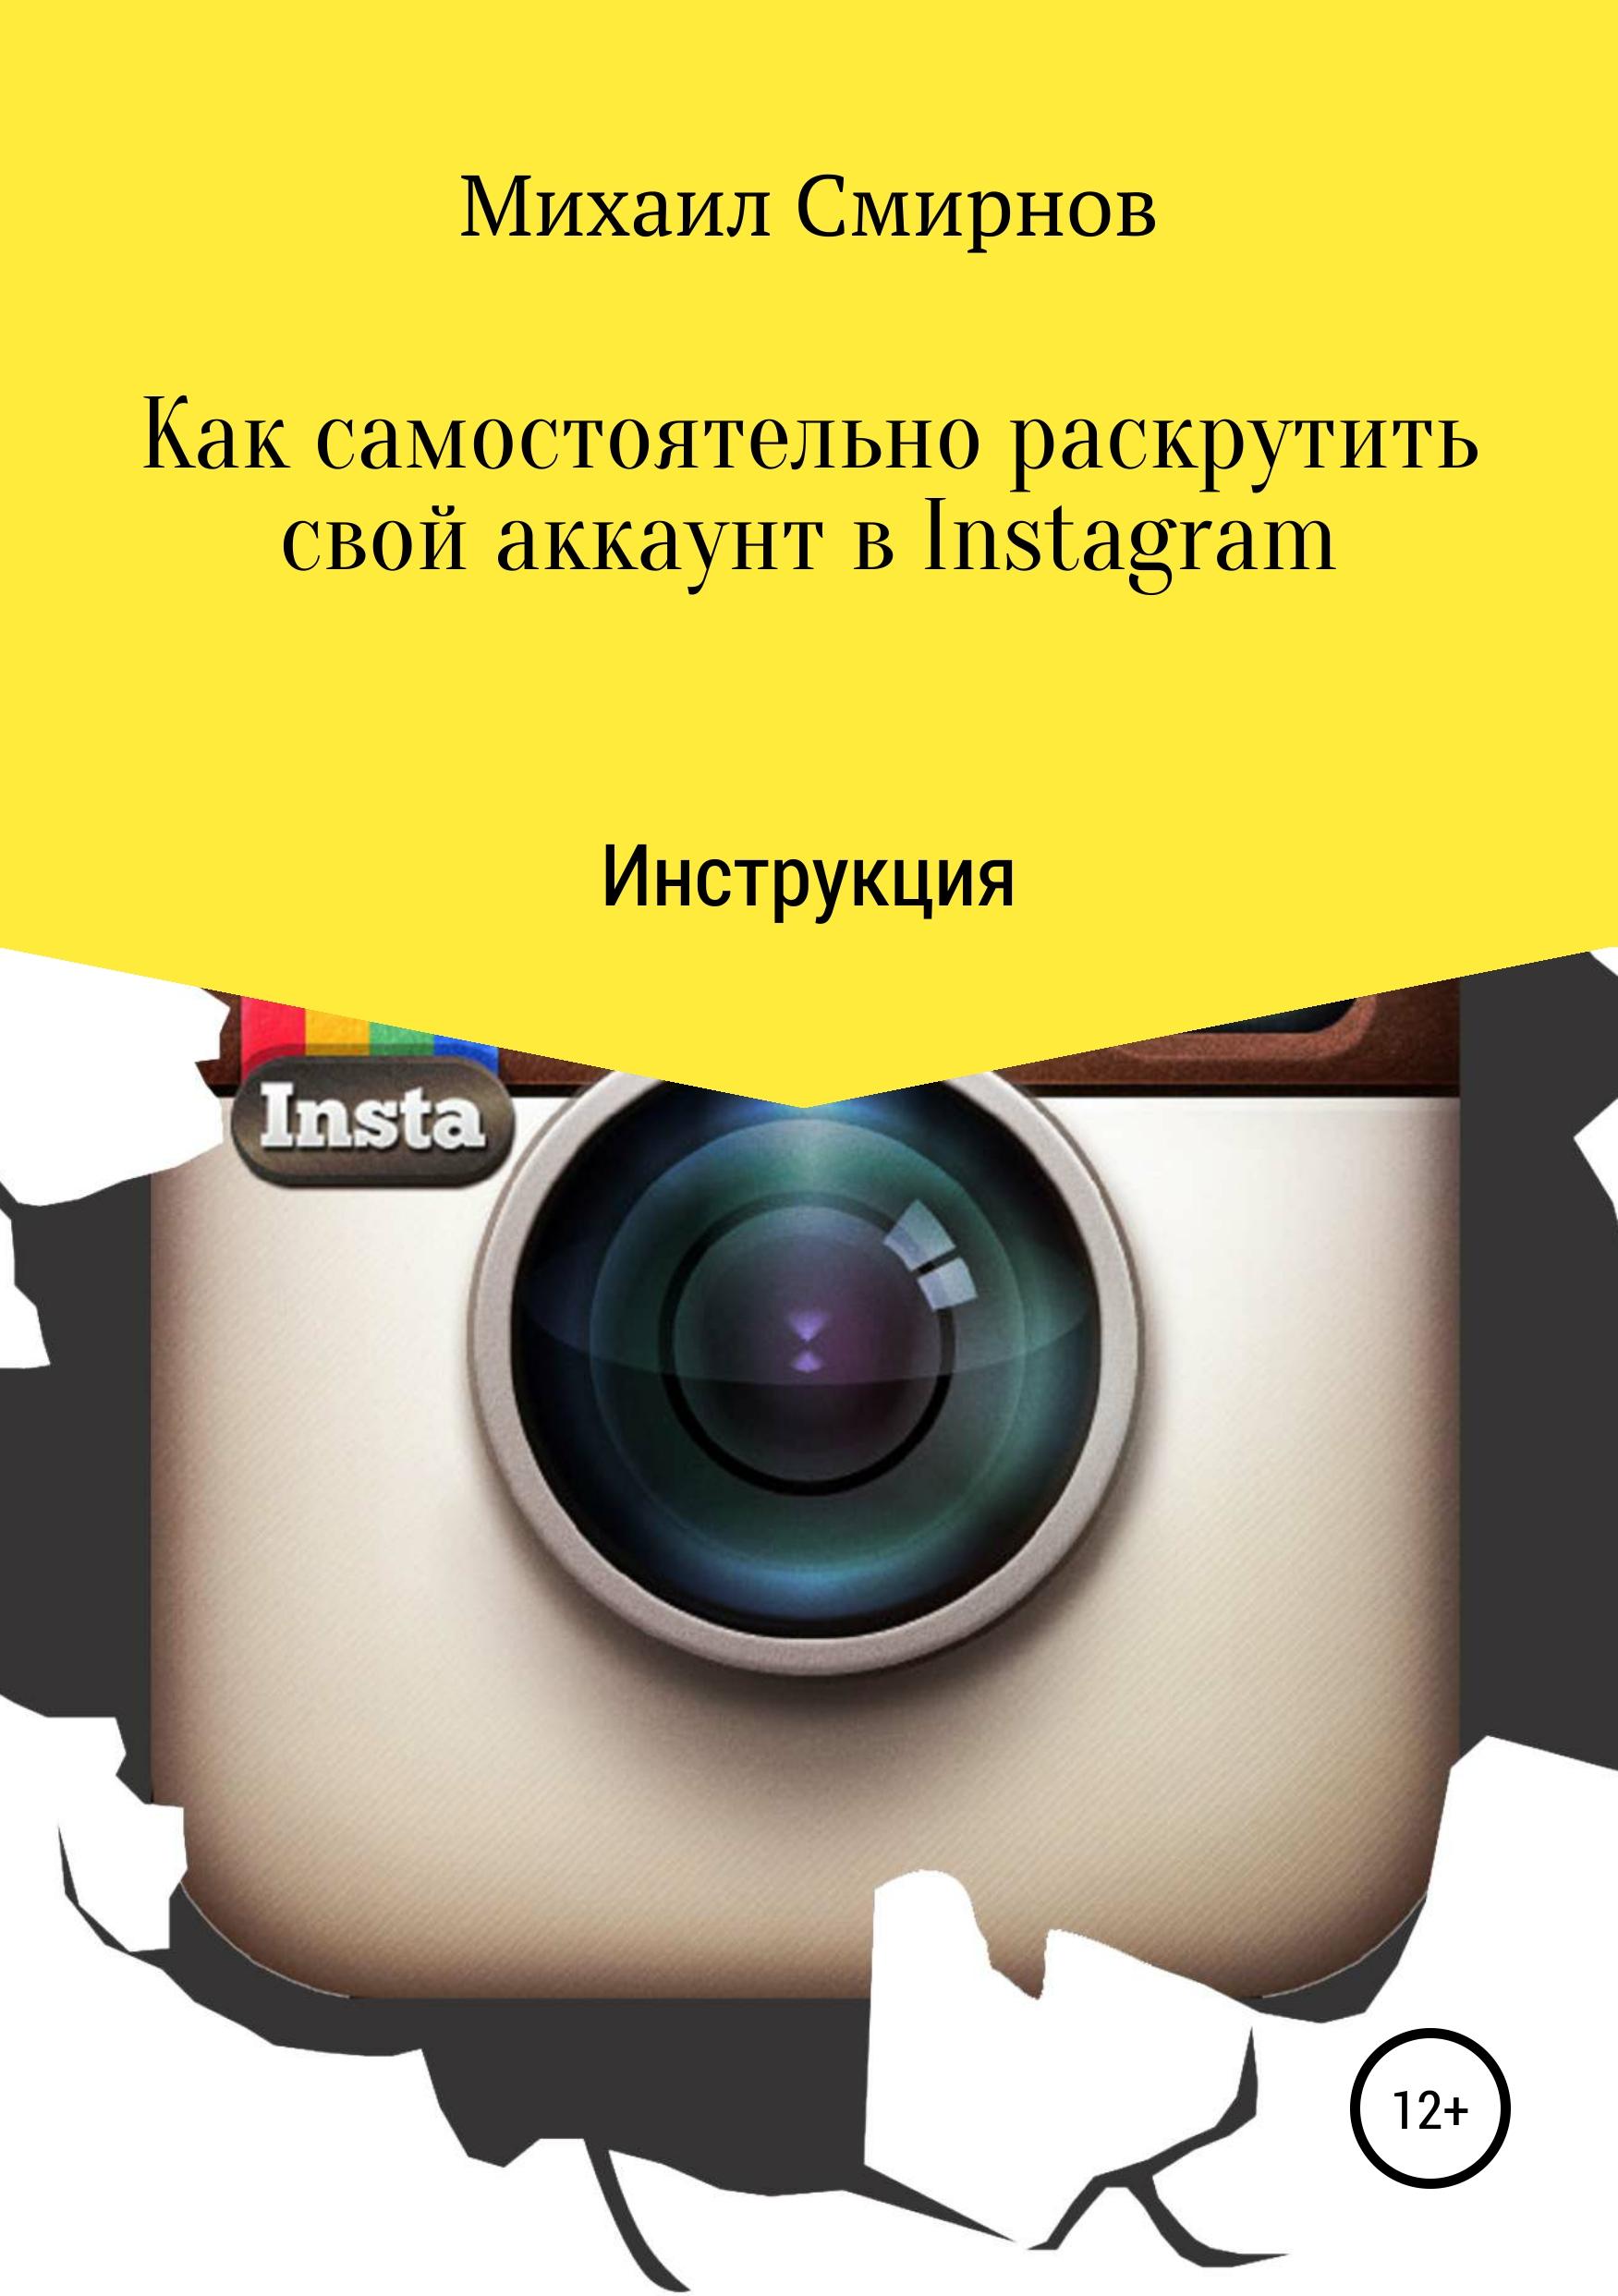 Купить книгу Как самостоятельно раскрутить свой аккаунт в Instagram, автора Михаила Владимировича Смирнова